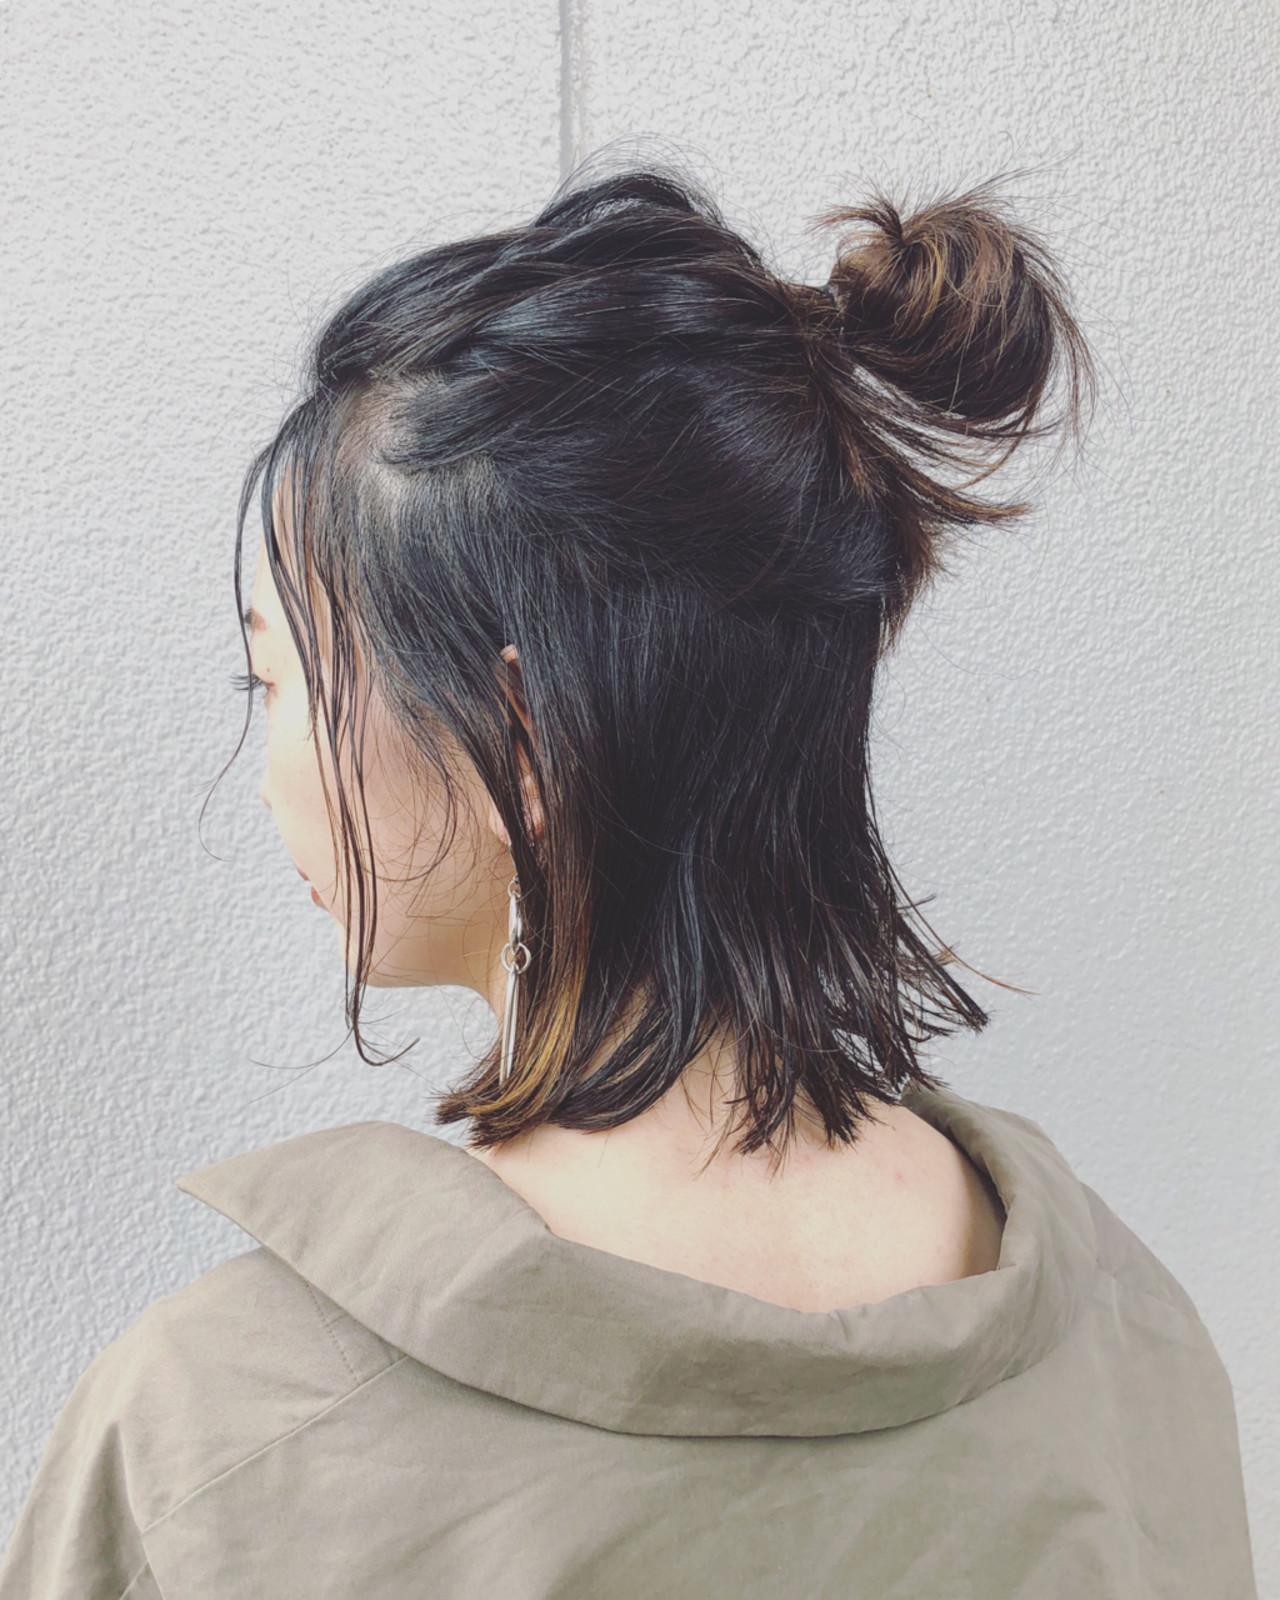 【着物×ショートヘア】モダンでおしゃれなヘアアレンジ9選の9枚目の画像